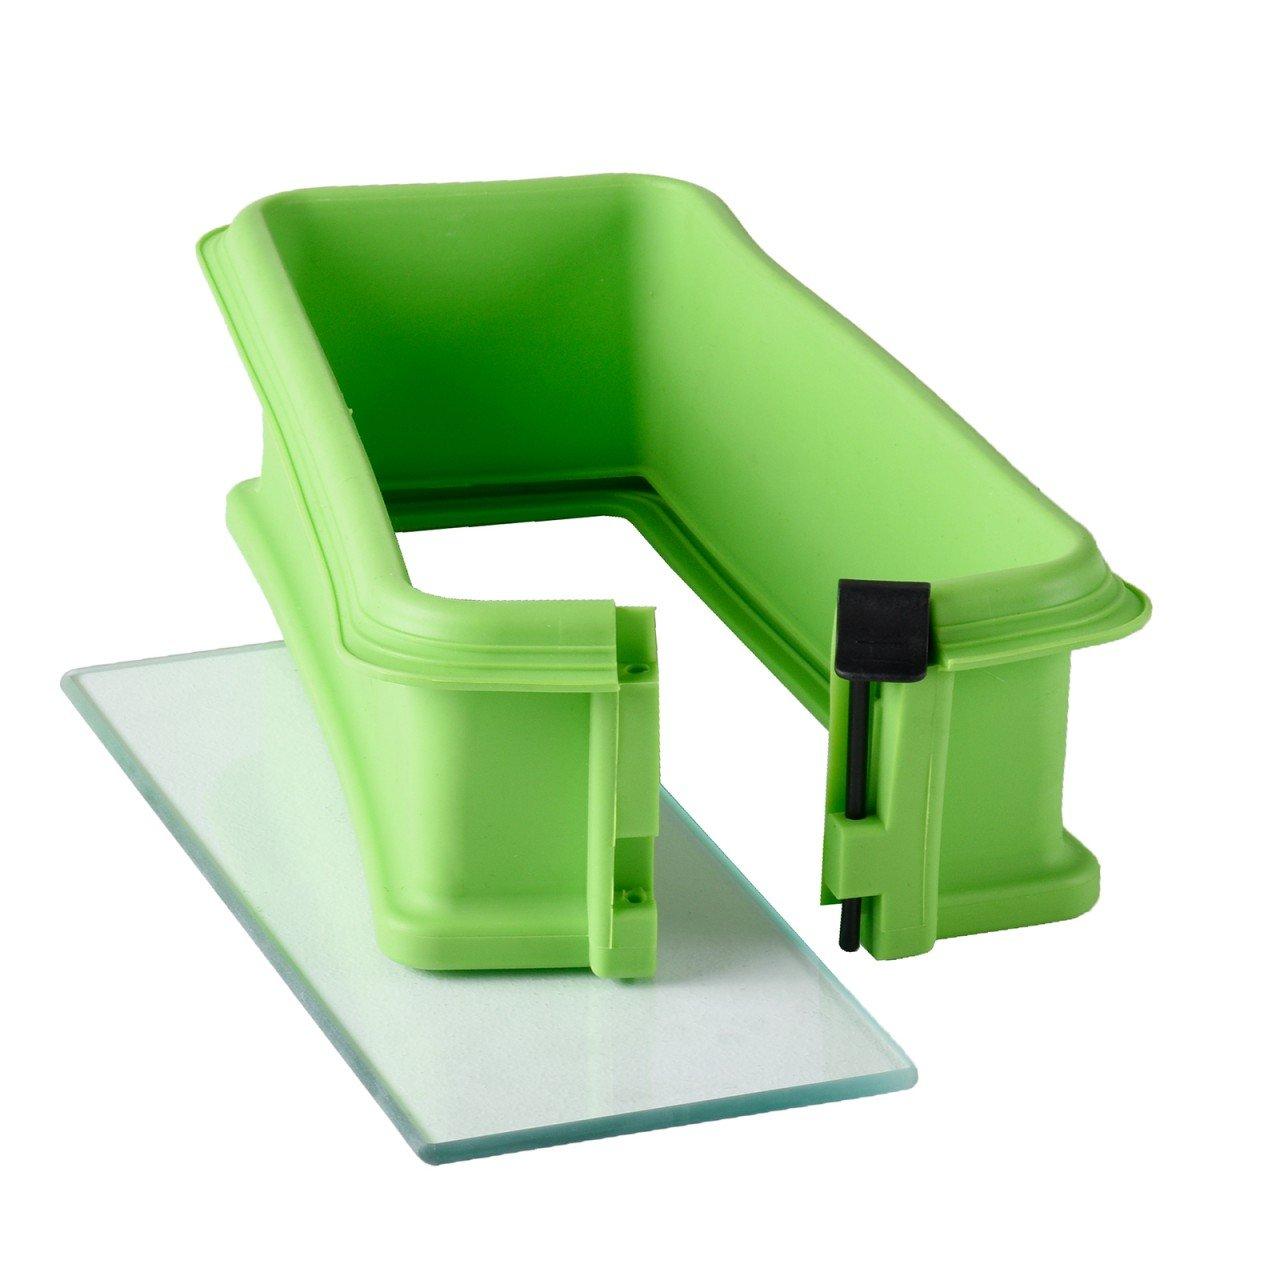 Kochen & Genießen Backbleche & -formen Silikonspringform Eckig Mit Glasboden In 2 Farben